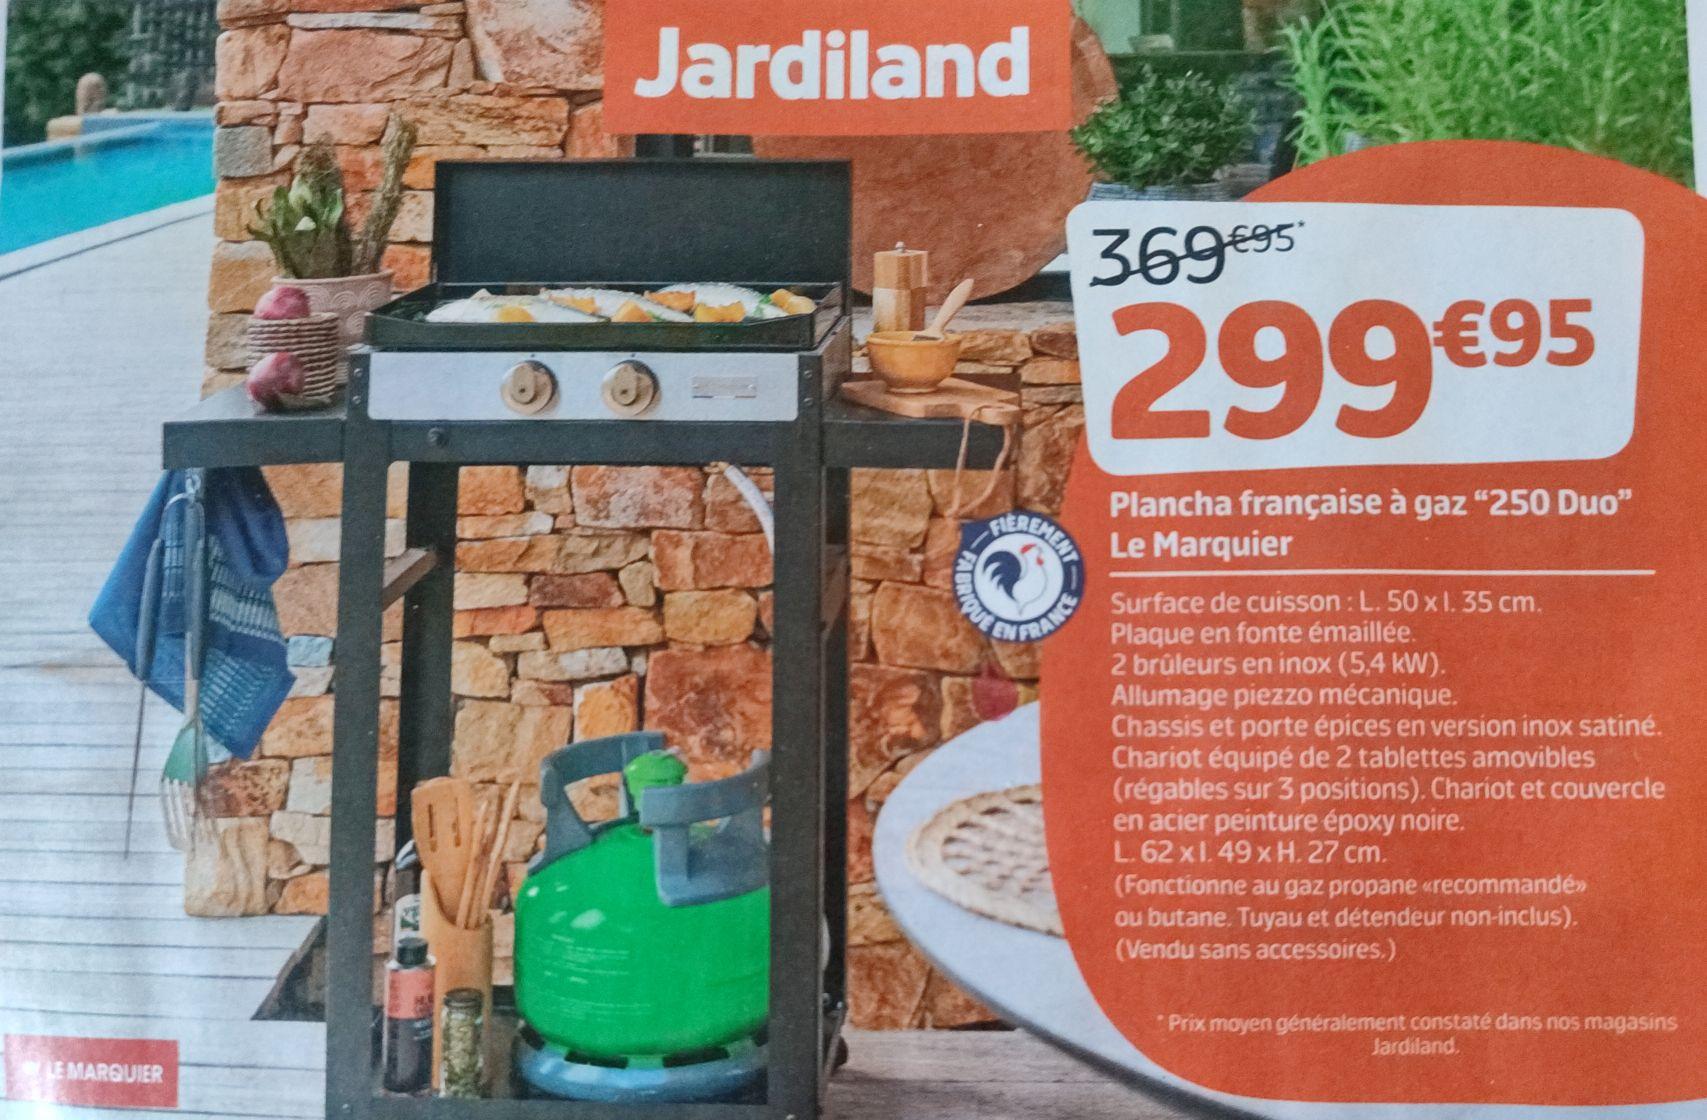 Plancha à gaz Le Marquier 250 Duo (5.4kW)